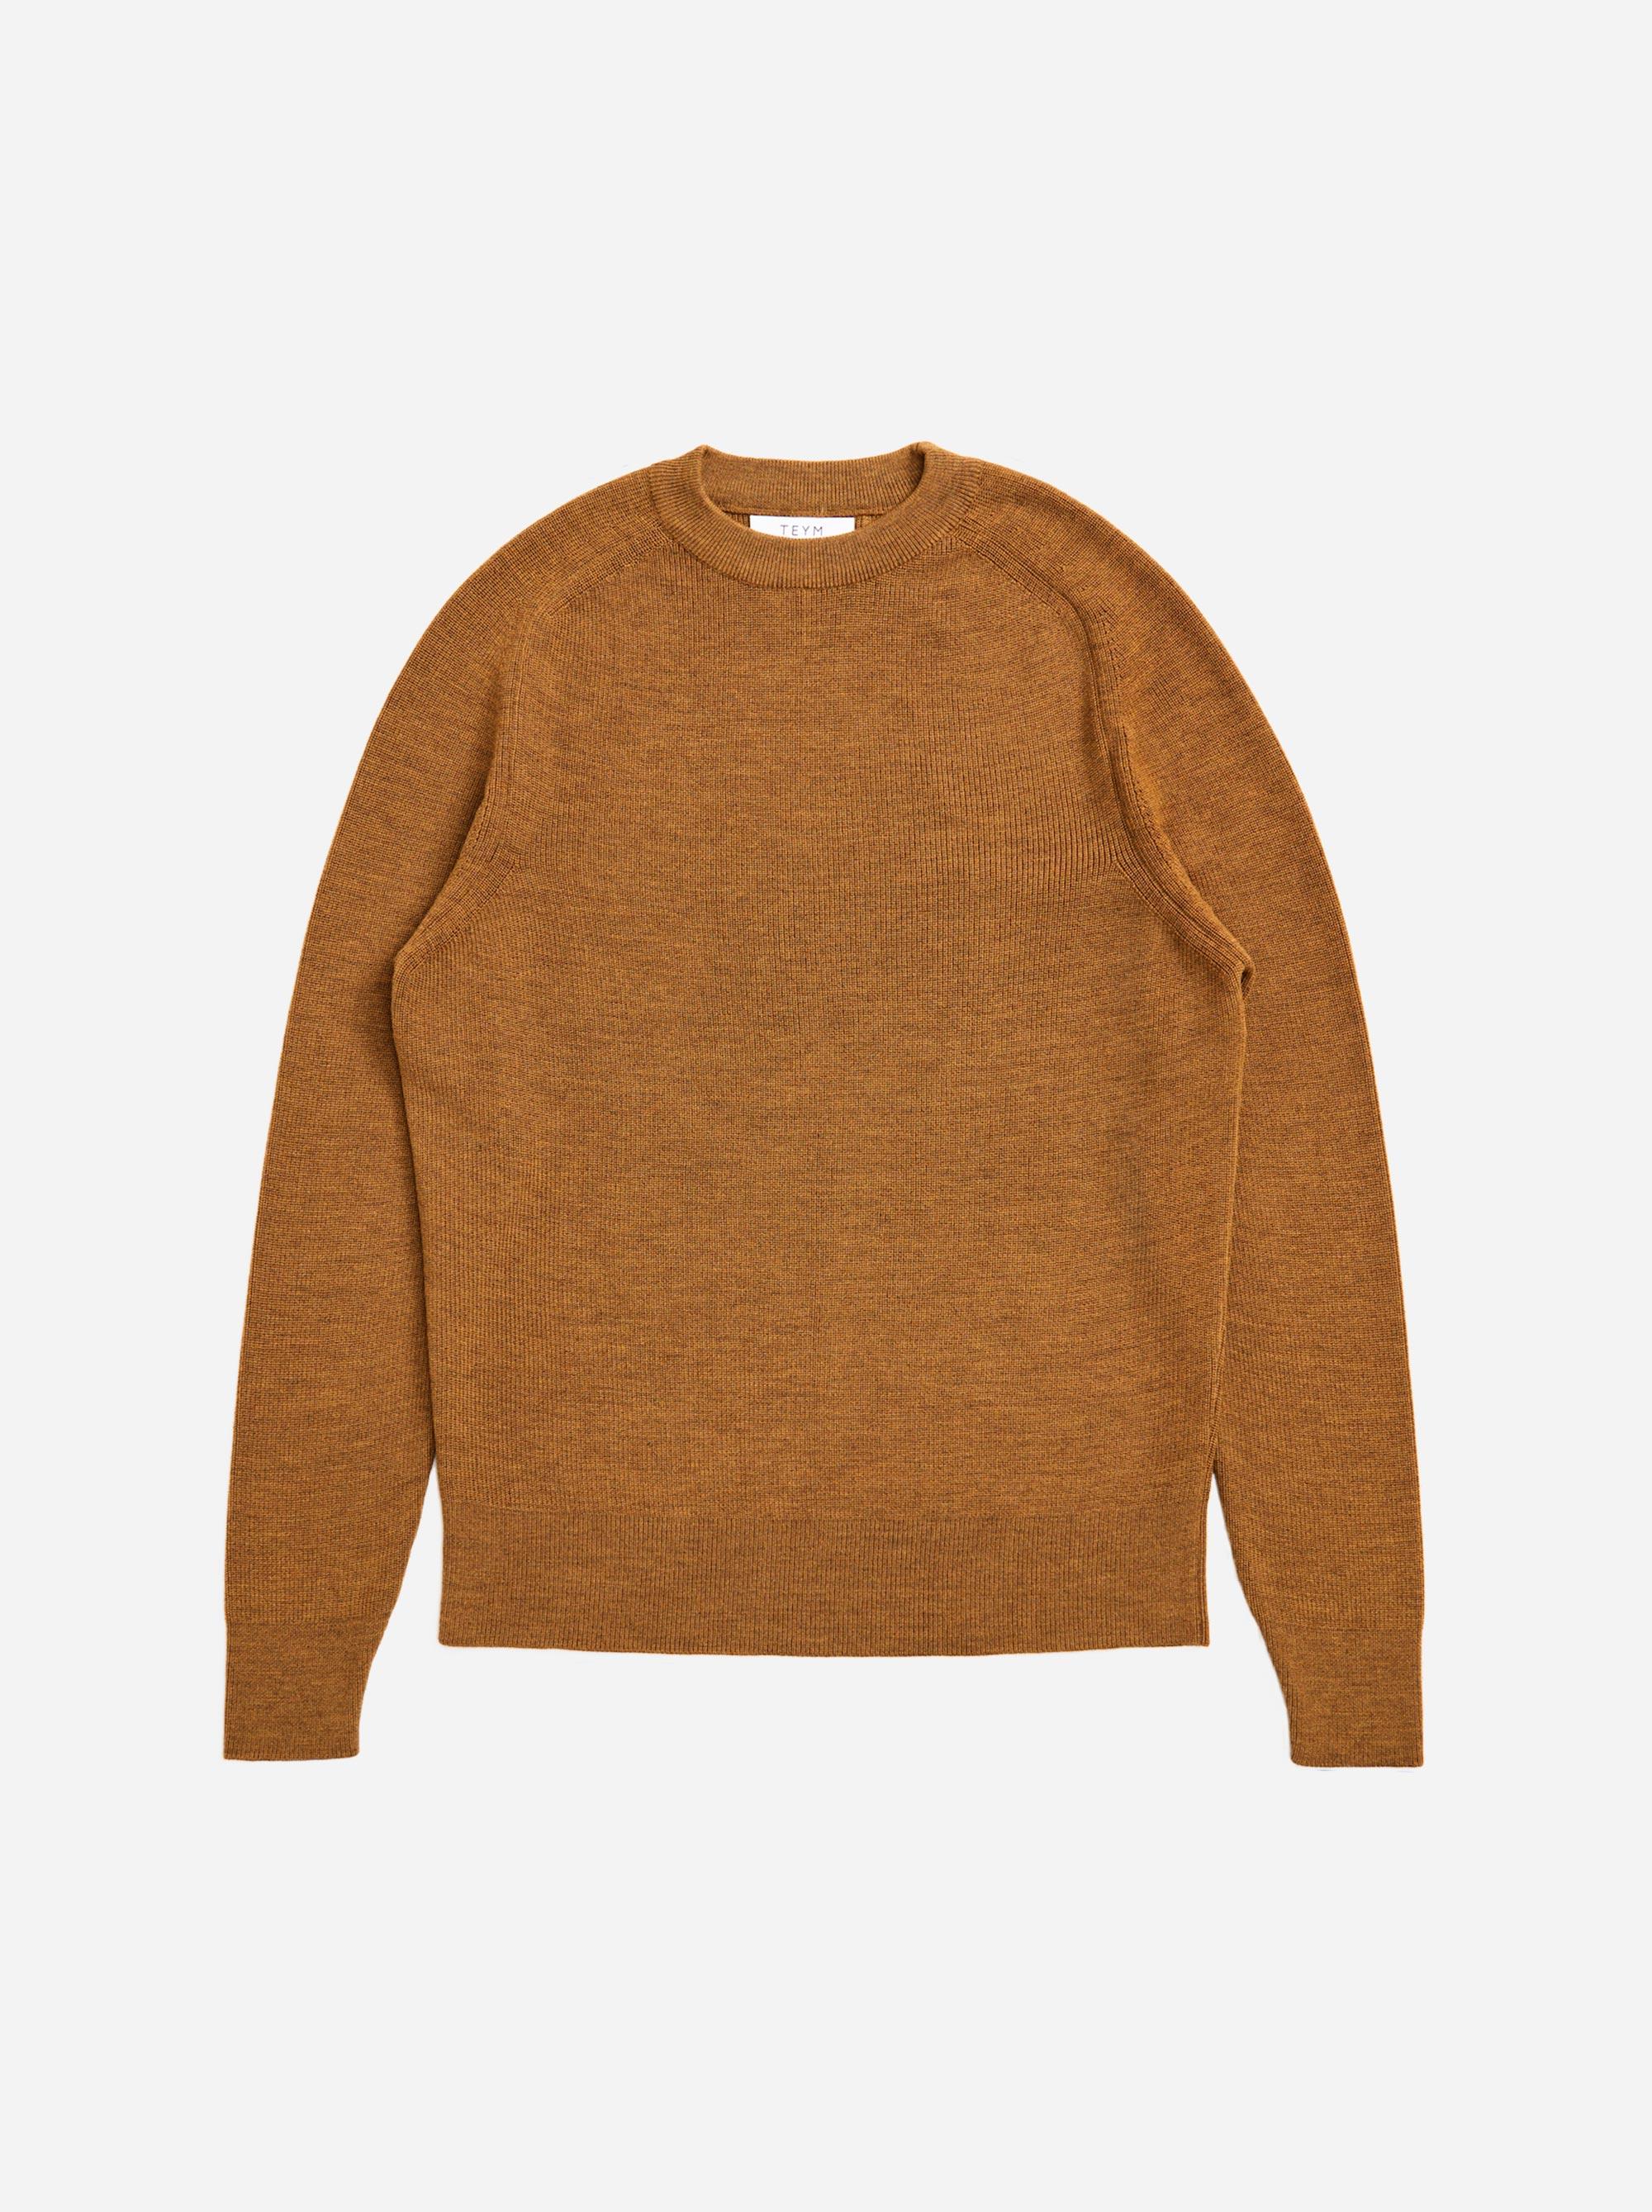 Teym - The Merino Sweater - Men - Mustard - 4